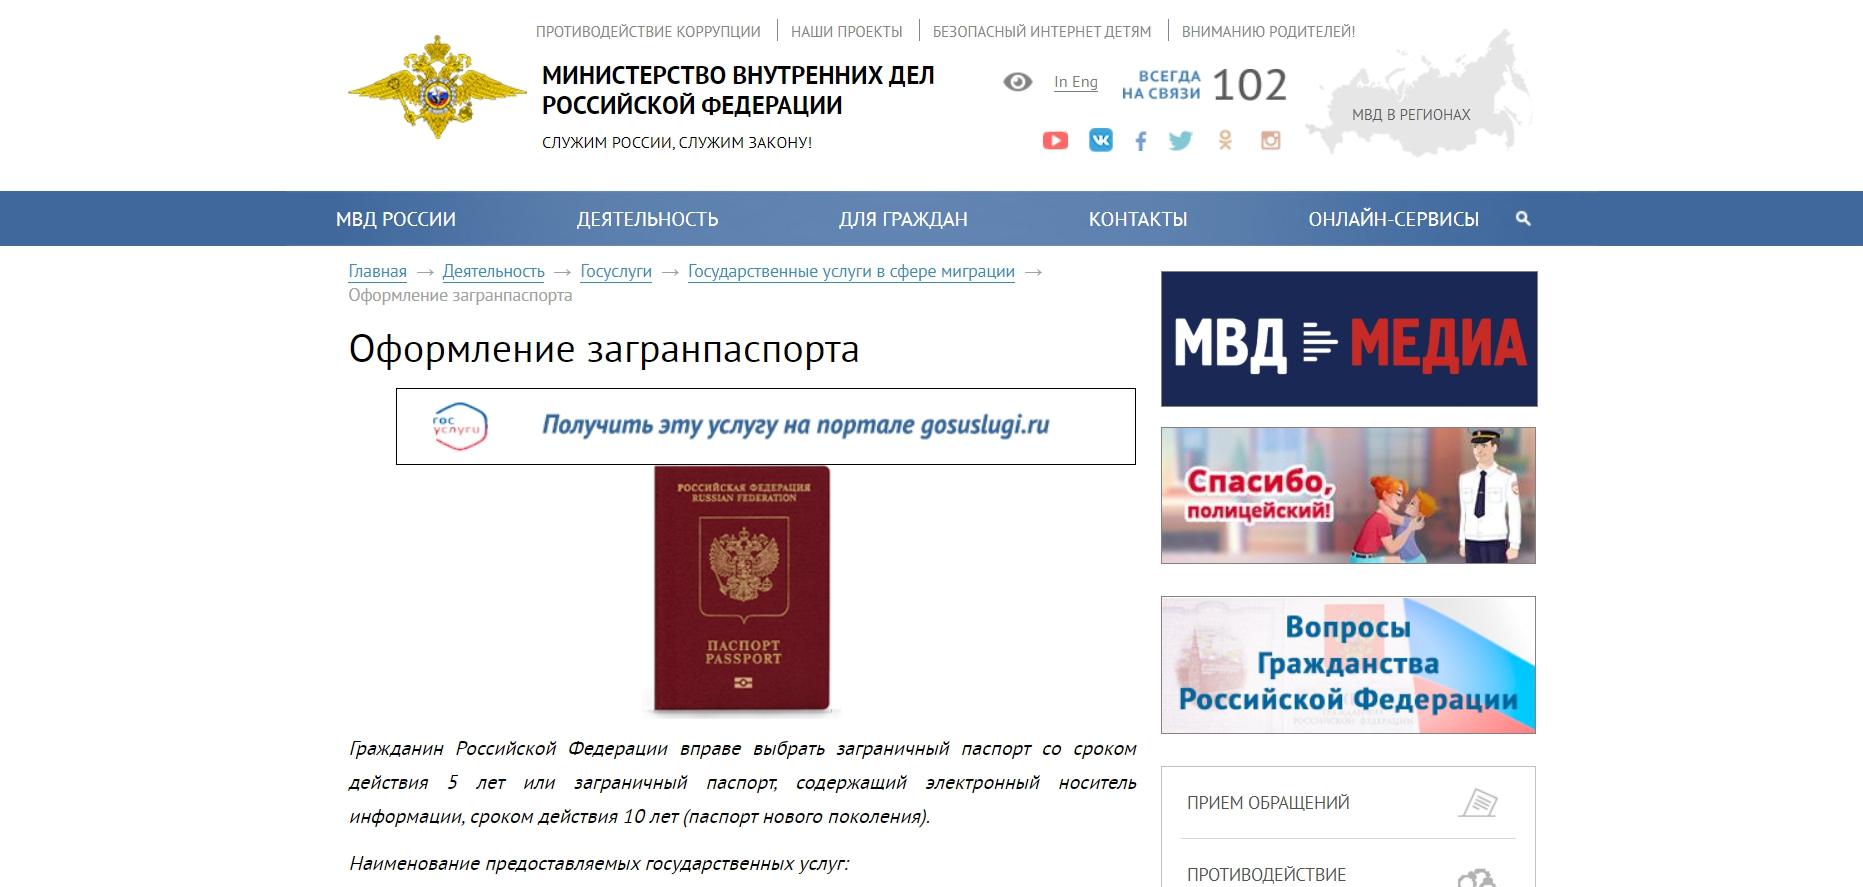 Раздел о заграничных паспортах на сайте МВД.РФ